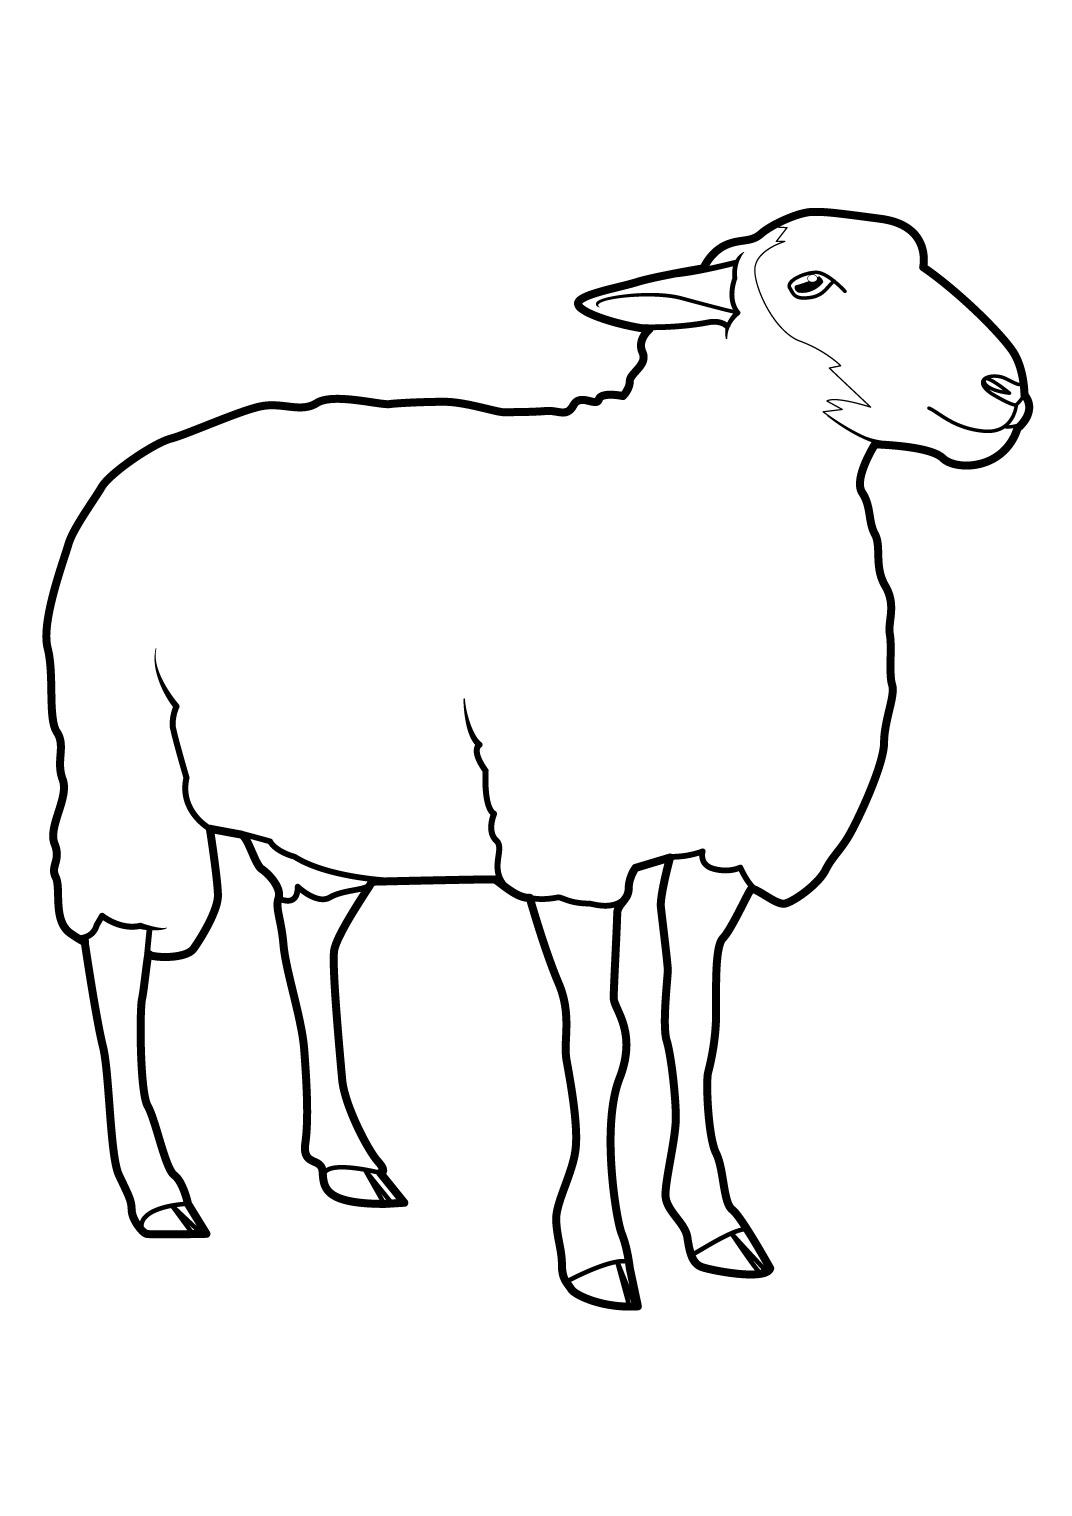 Mouton #2 (Animaux) – Coloriages À Imprimer concernant Photo De Mouton A Imprimer